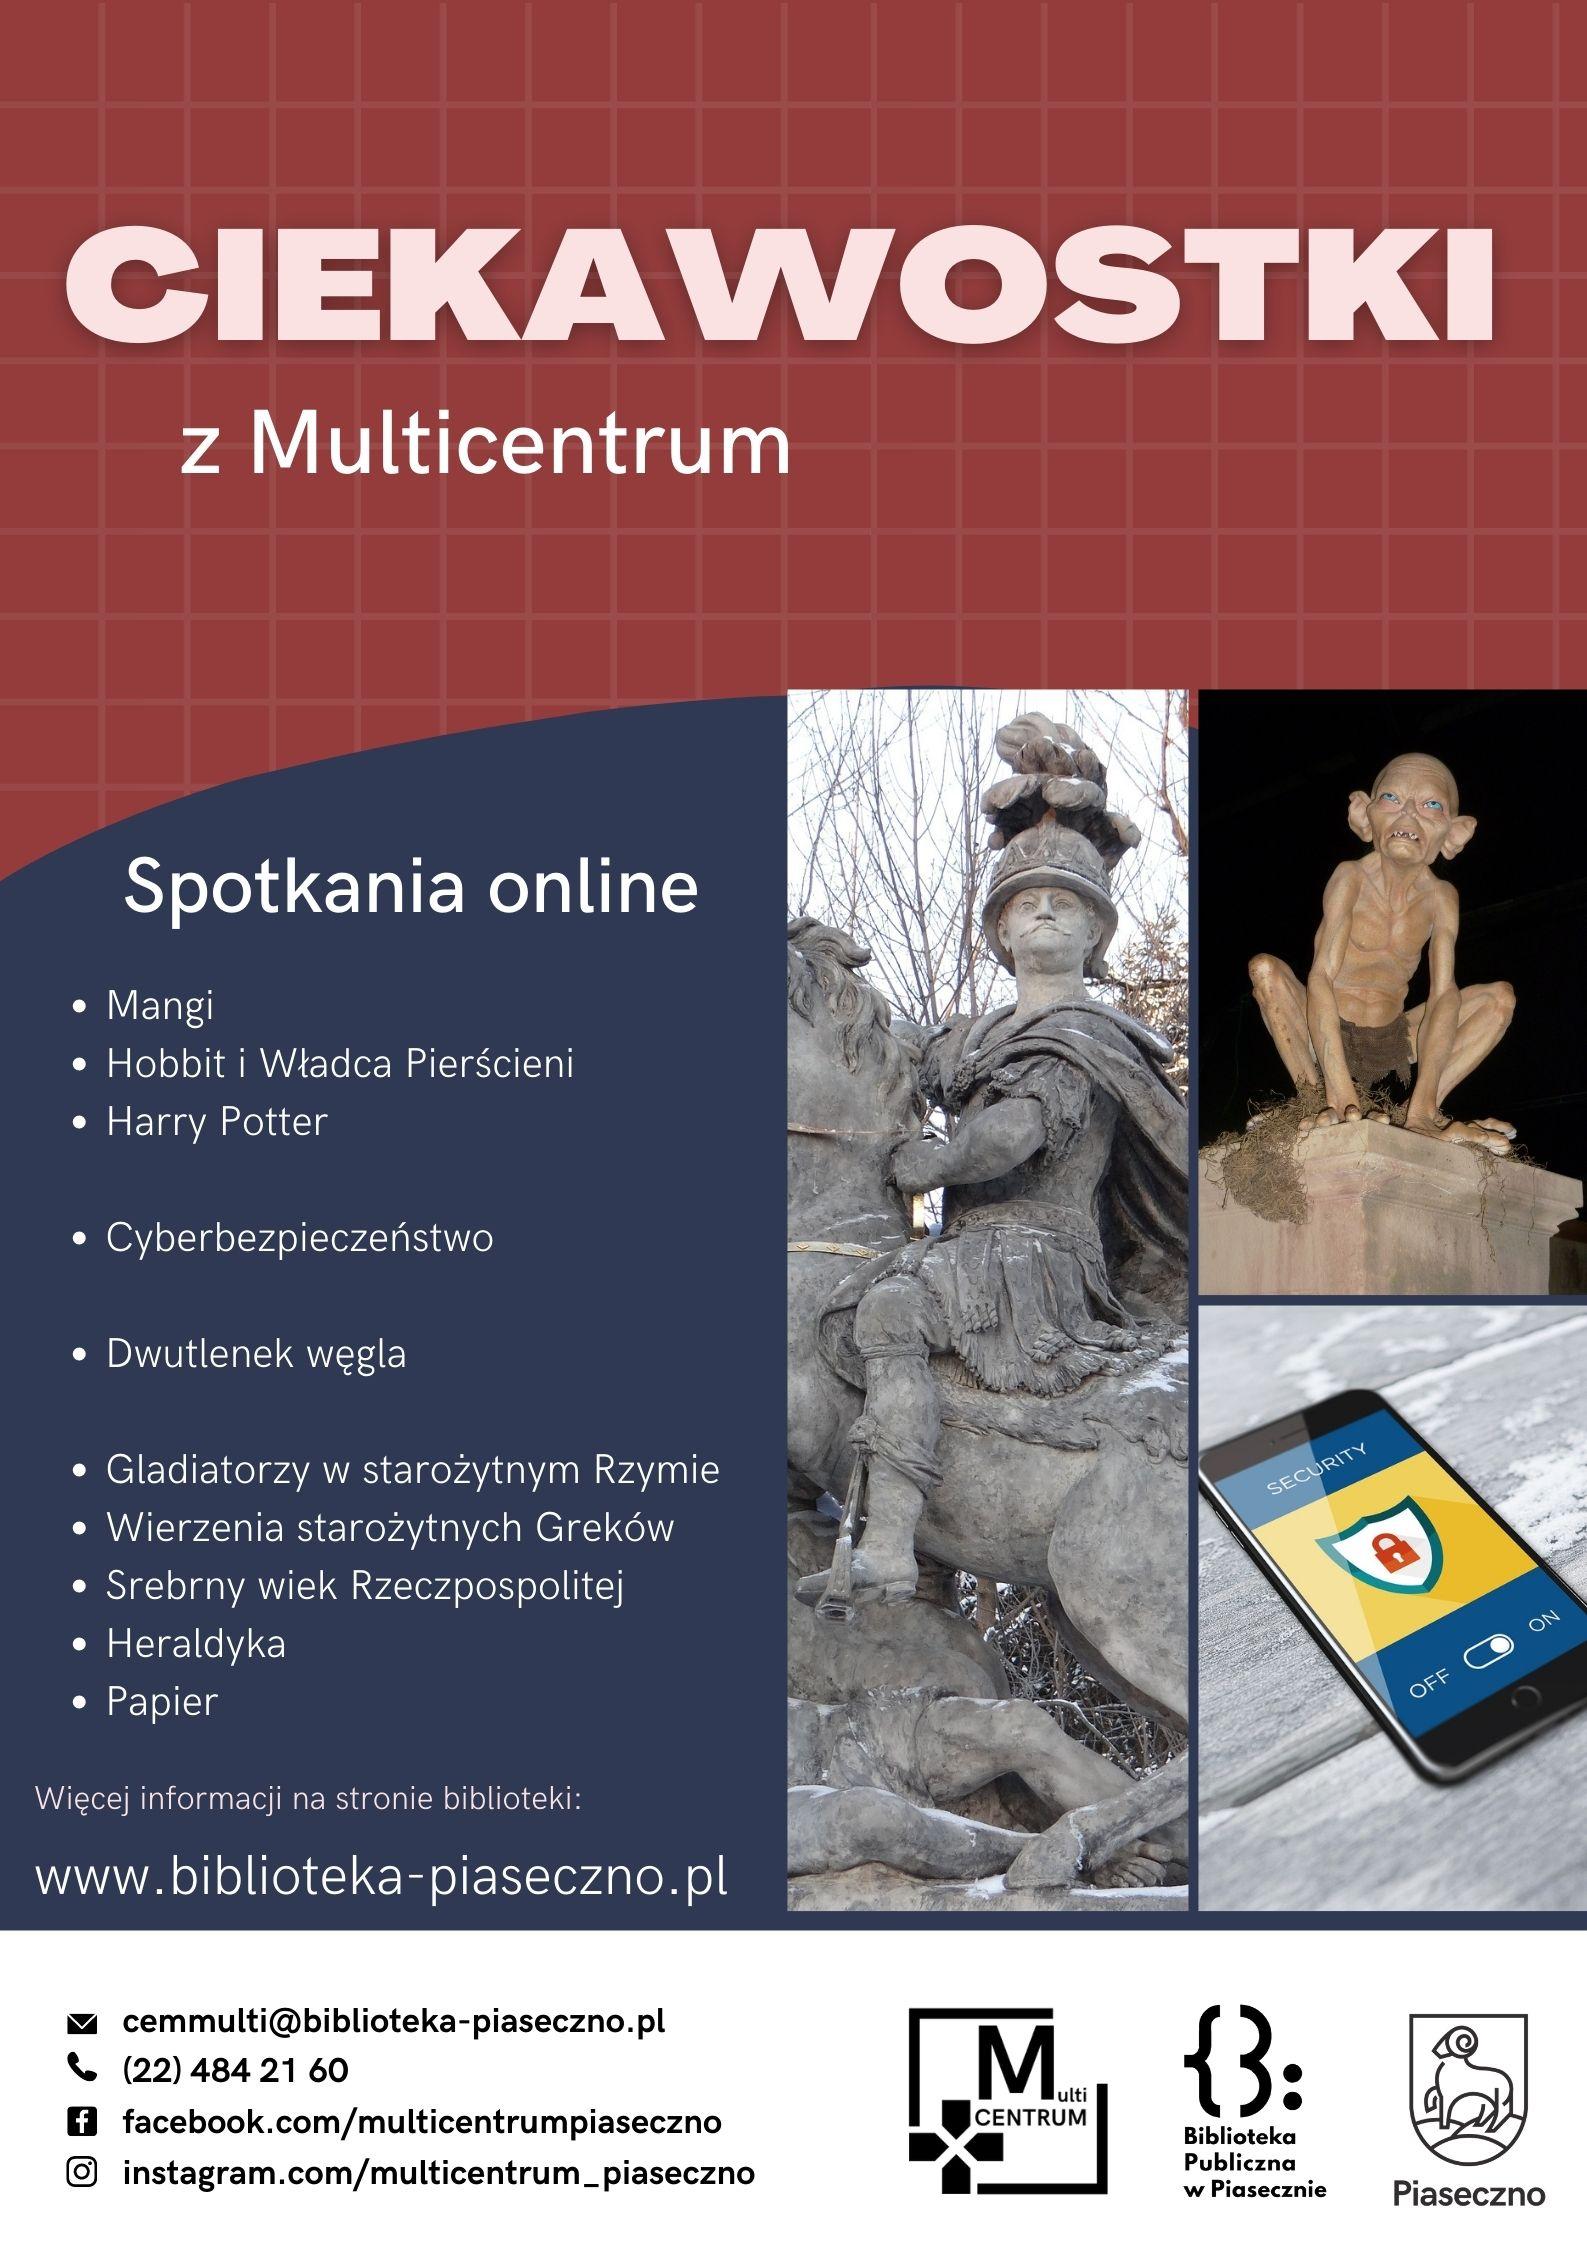 Plakat promujący spotkania tematyczne online organizowane przez Multicentrum